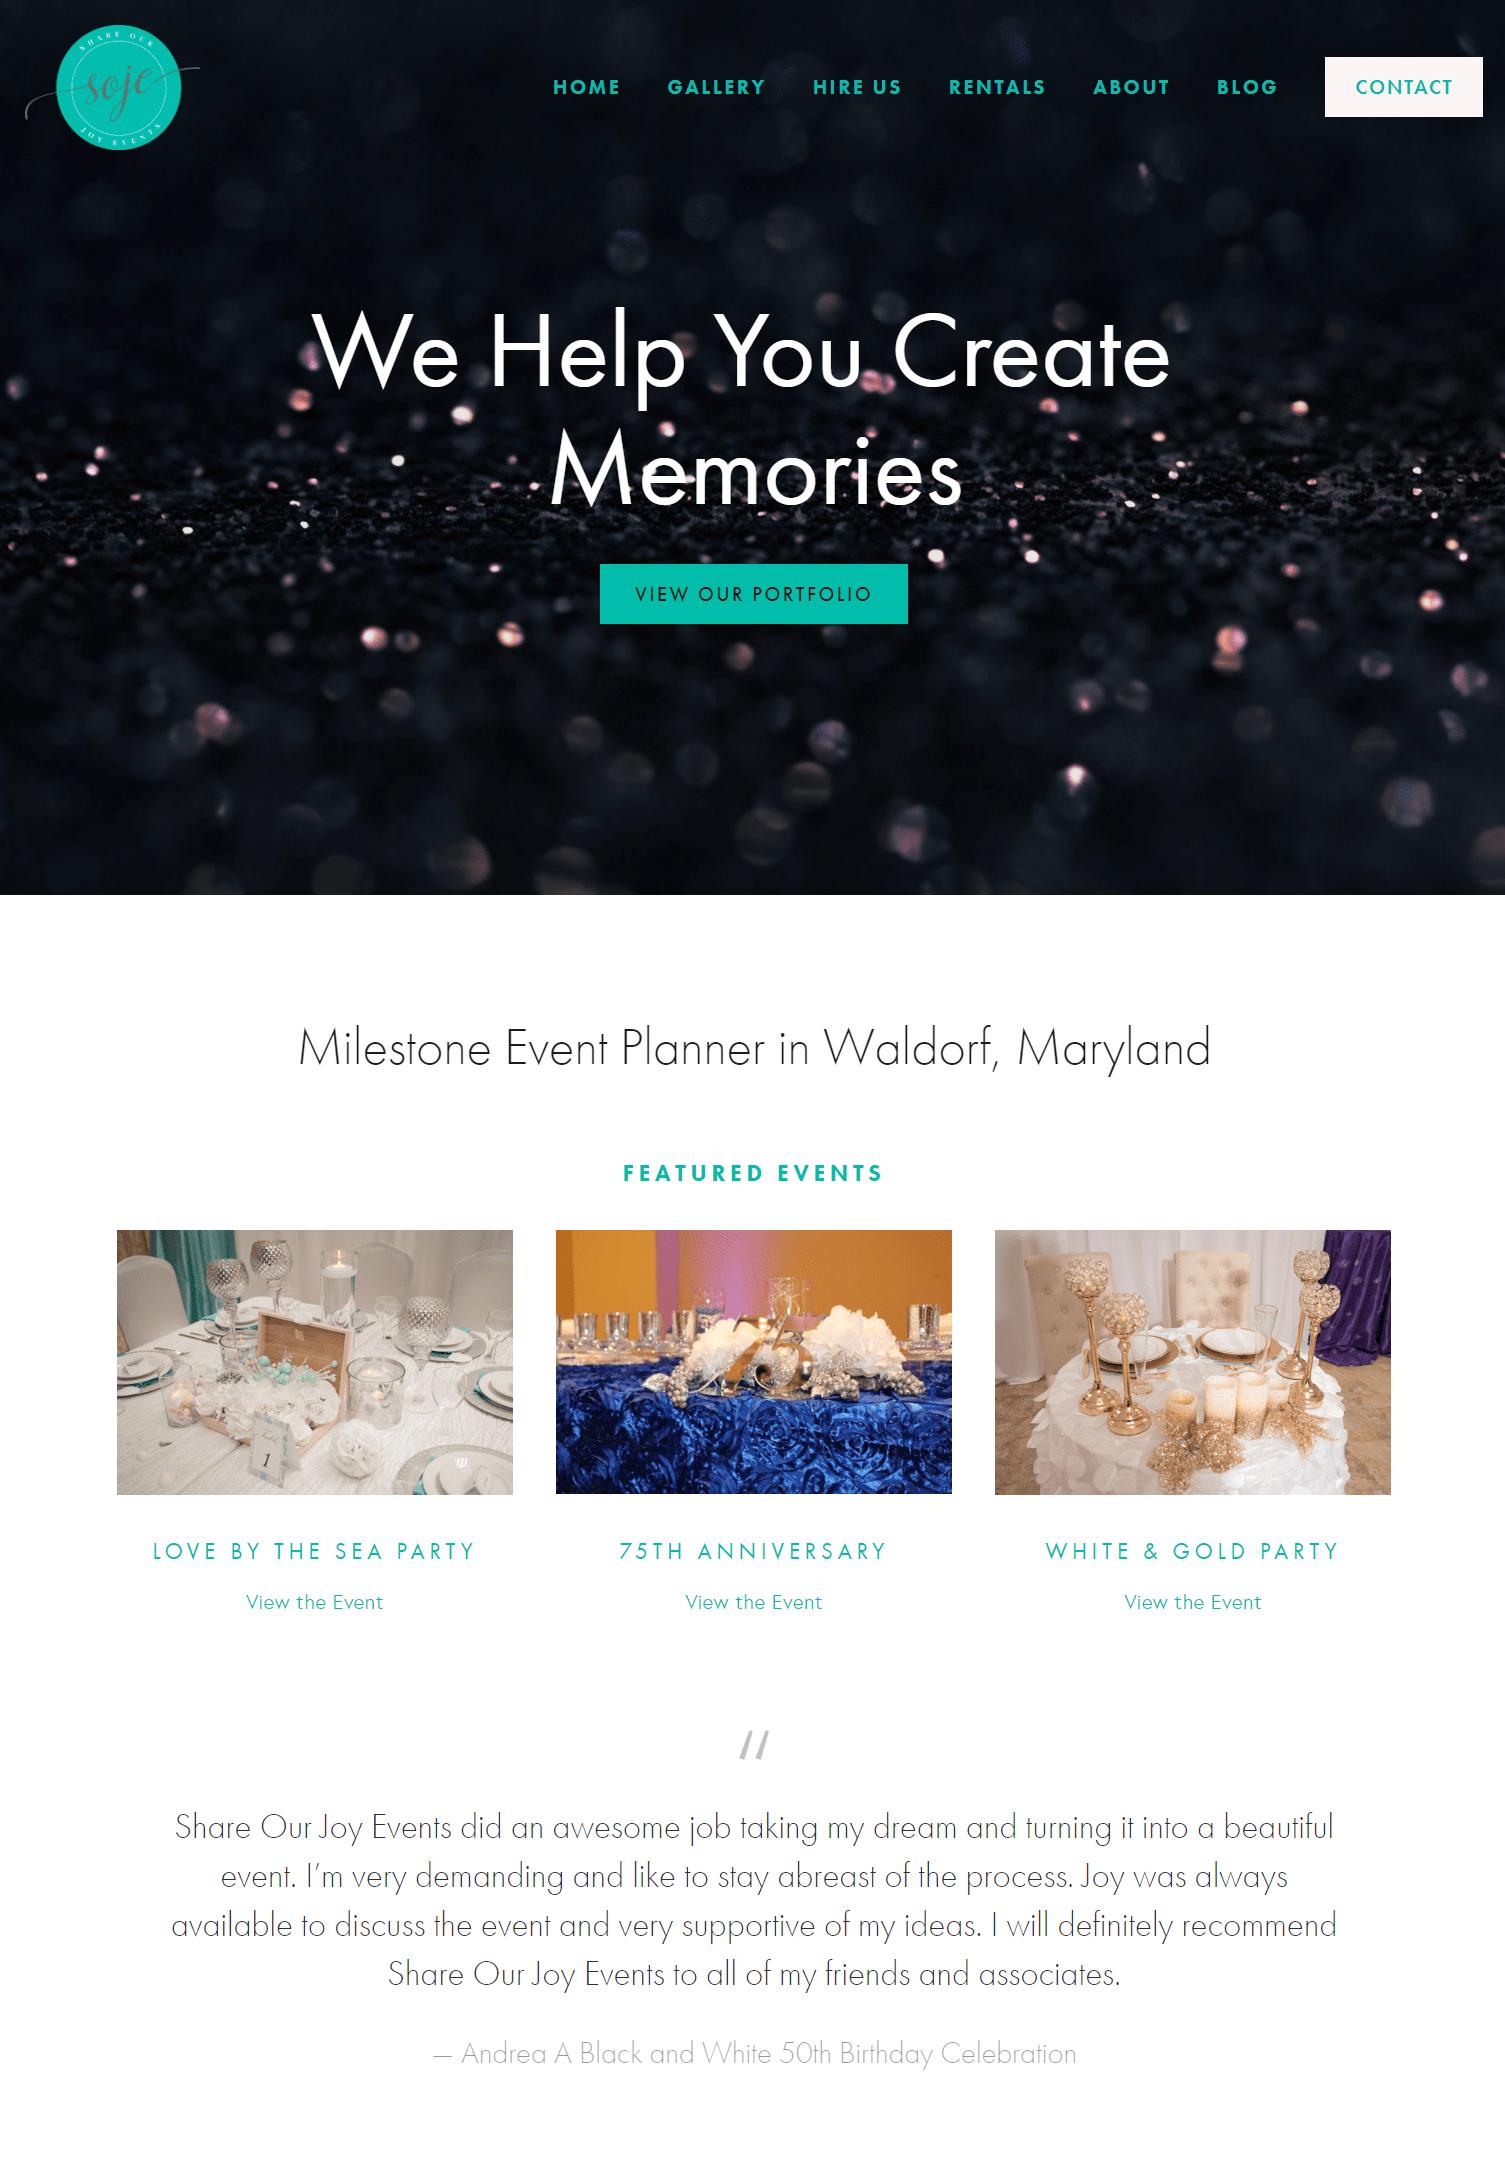 Website portfolio share our joy events